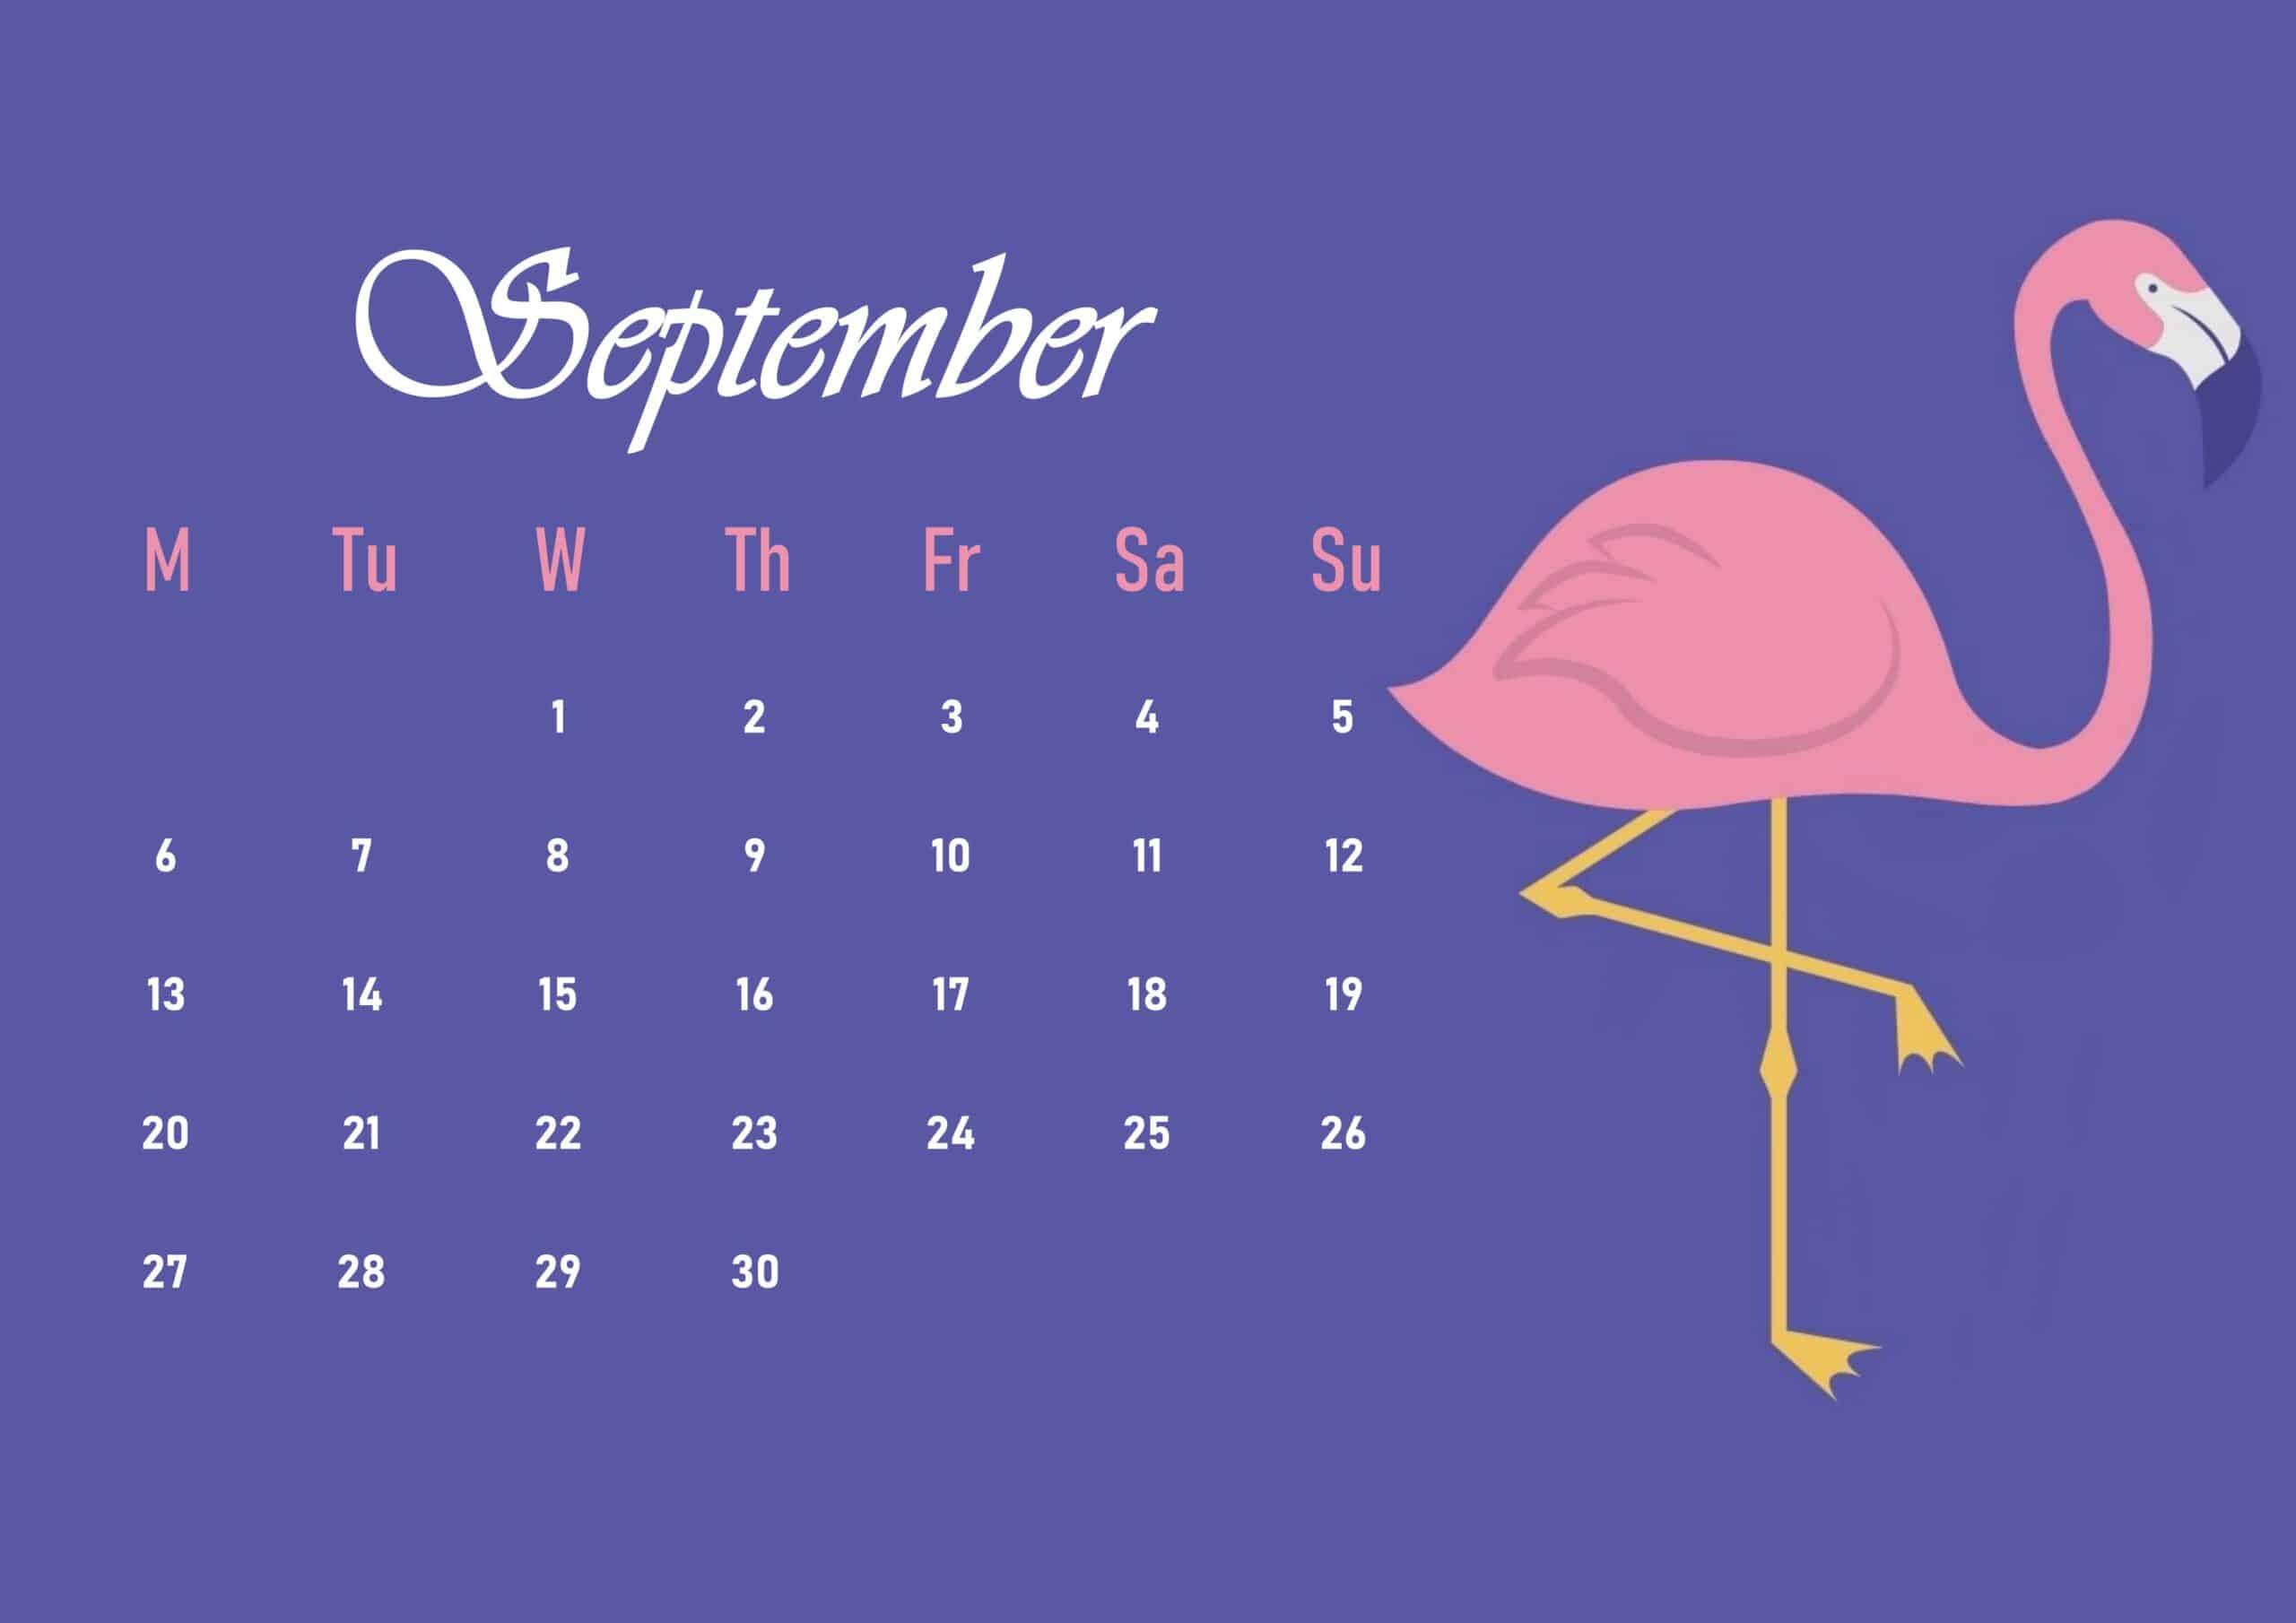 Cute 2021 September Calendar